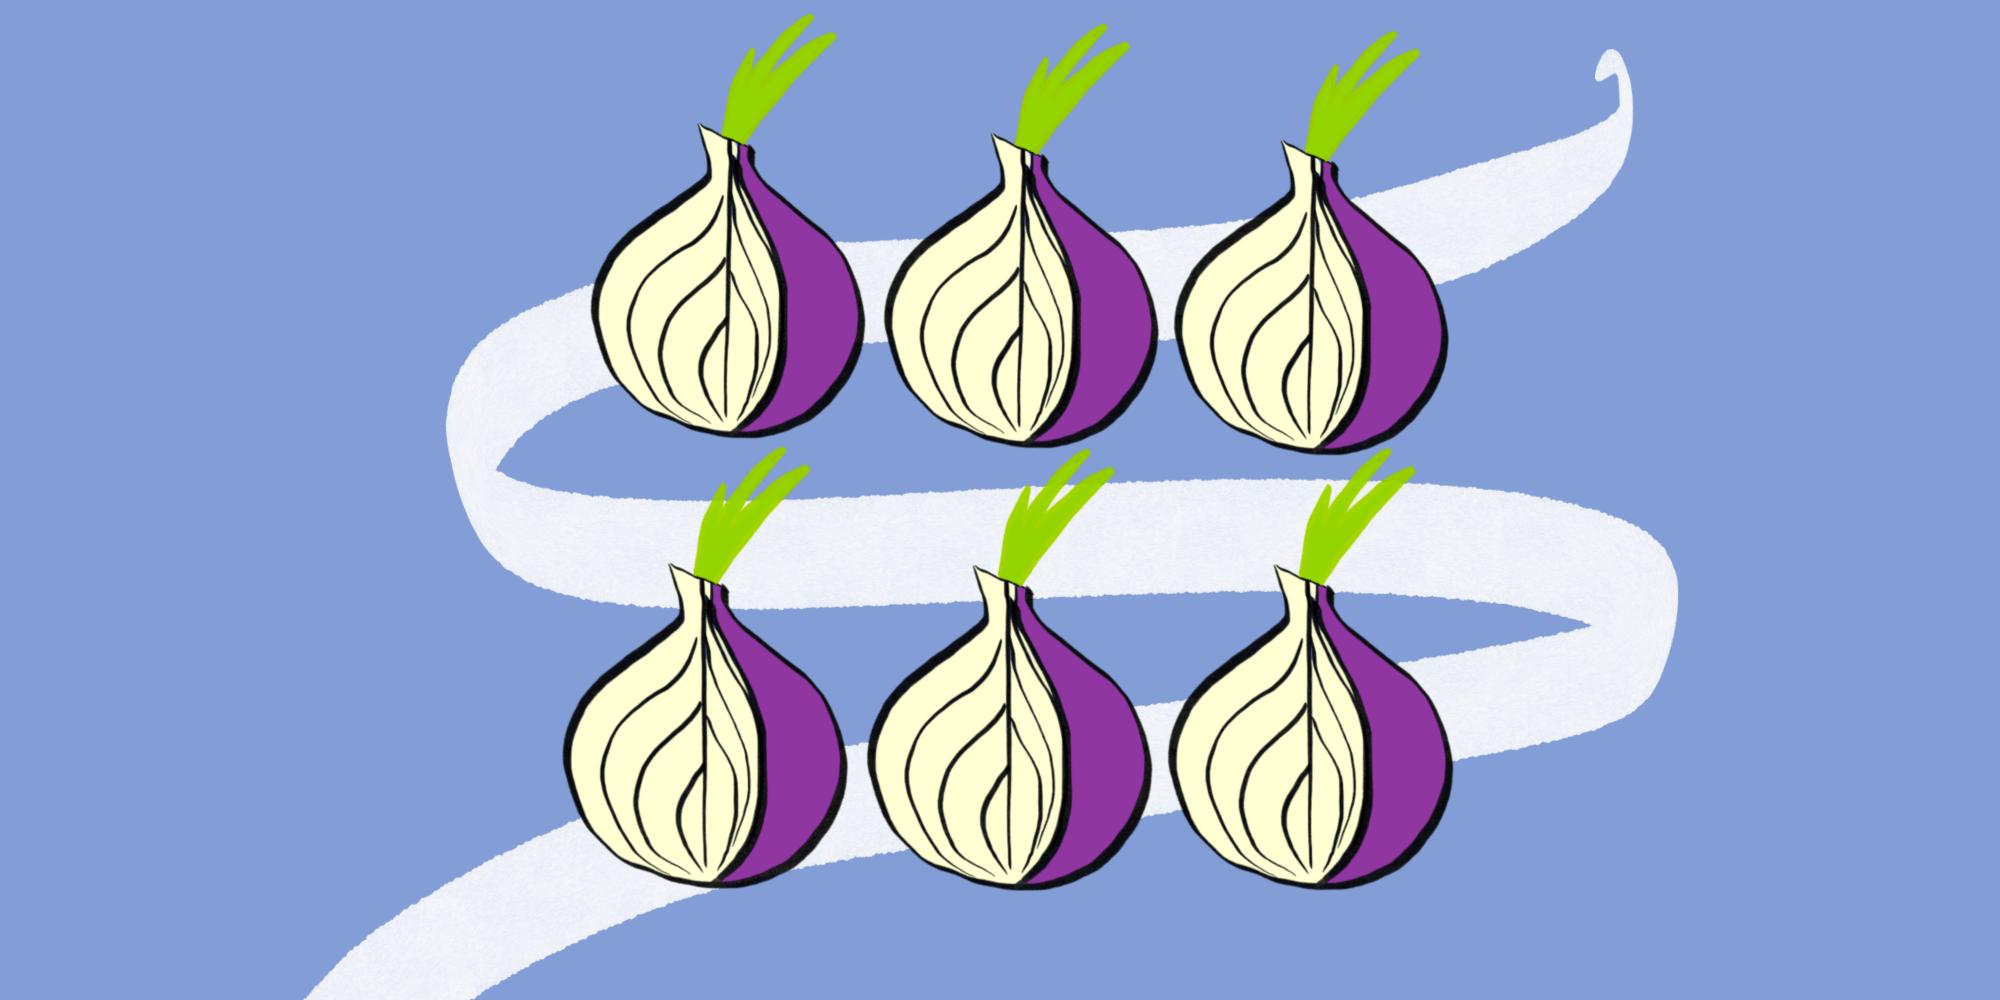 «Я тебя по IP вычислю»: как хакеры рассекречивают звенья цепи Tor